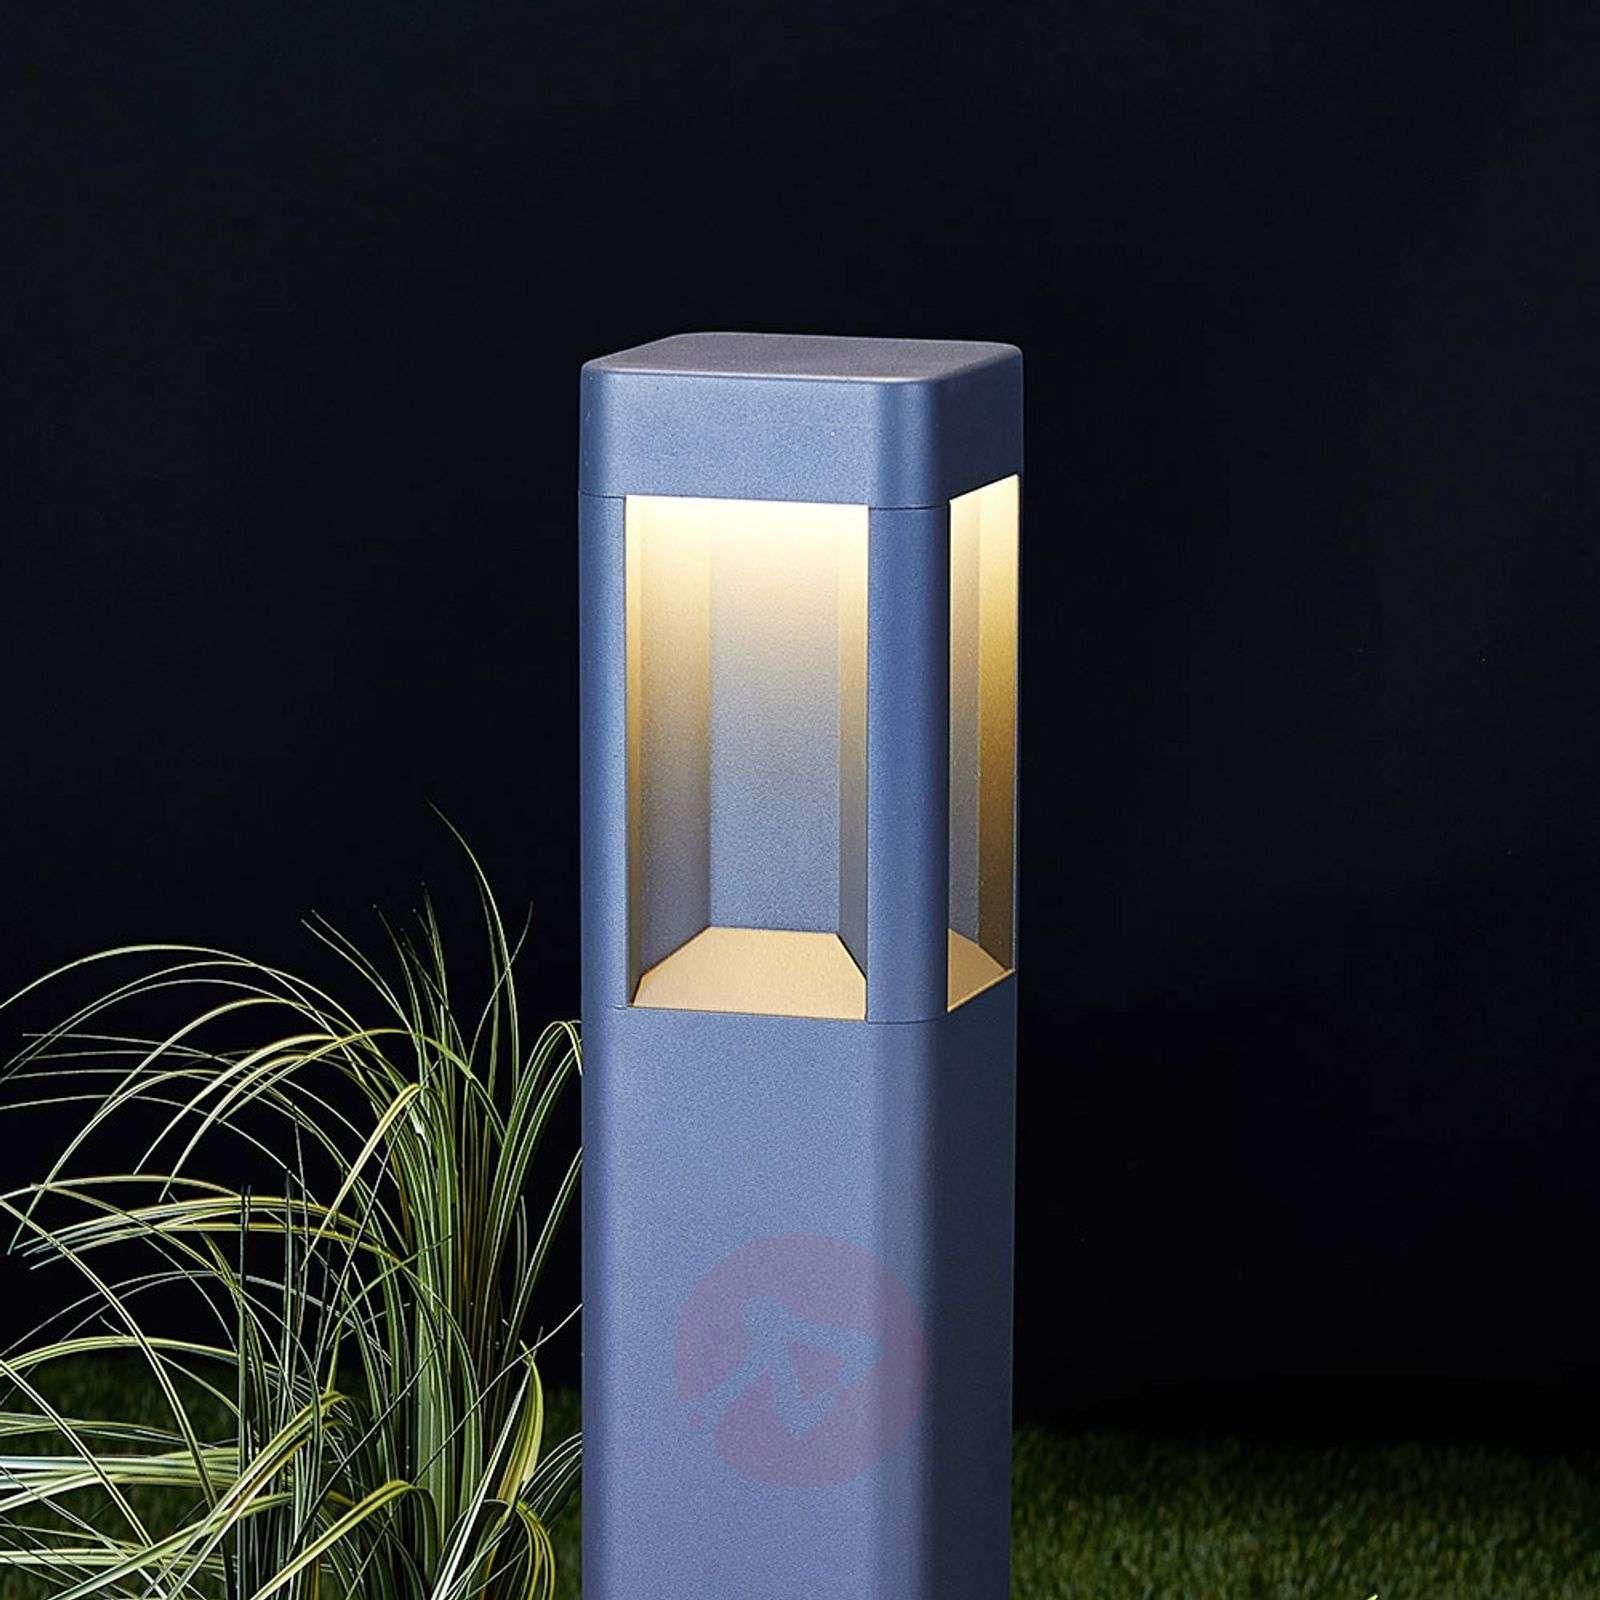 Alumiininen LED-pylväsvalaisin Annika, 80 cm-9617010-01